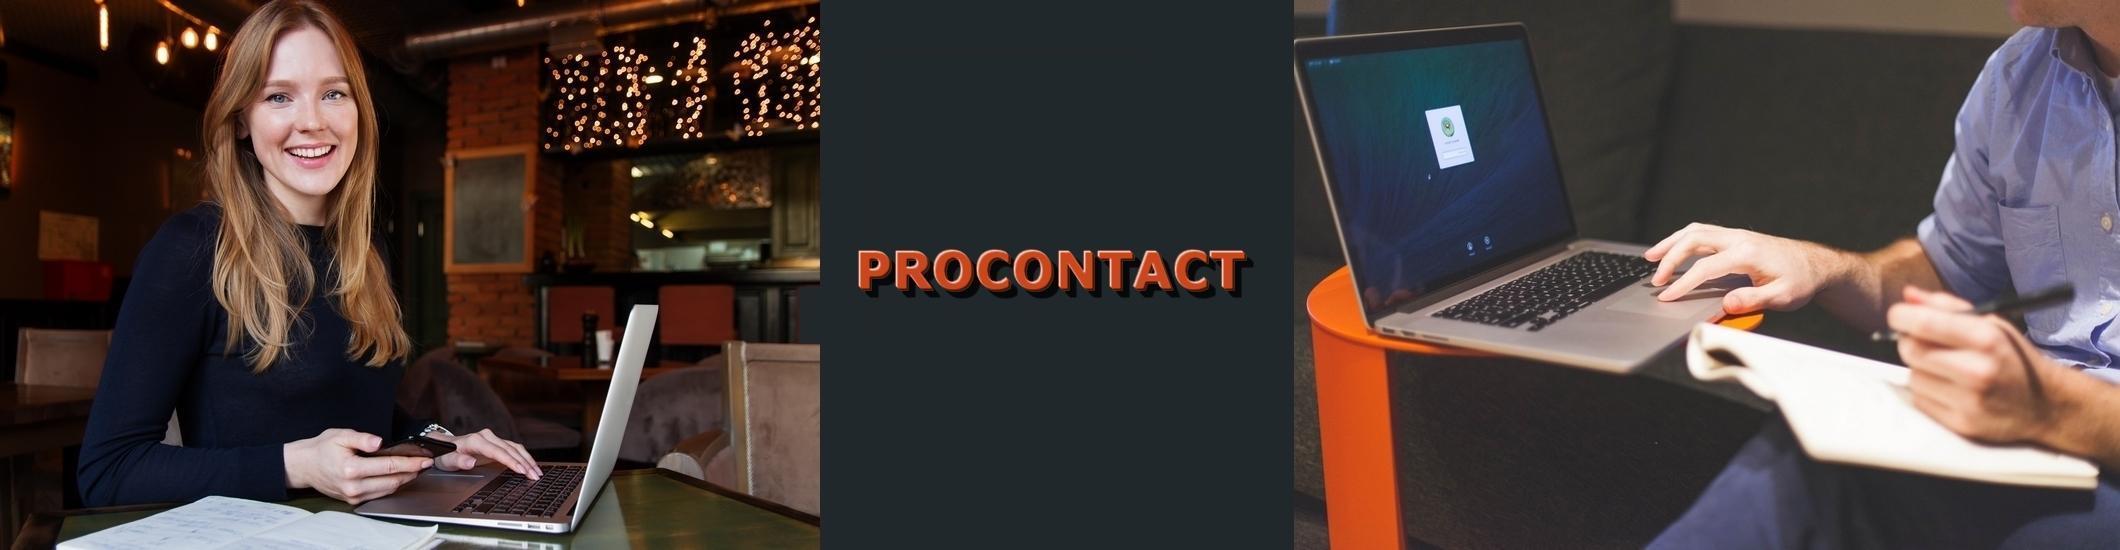 Procontact annonces entreprises